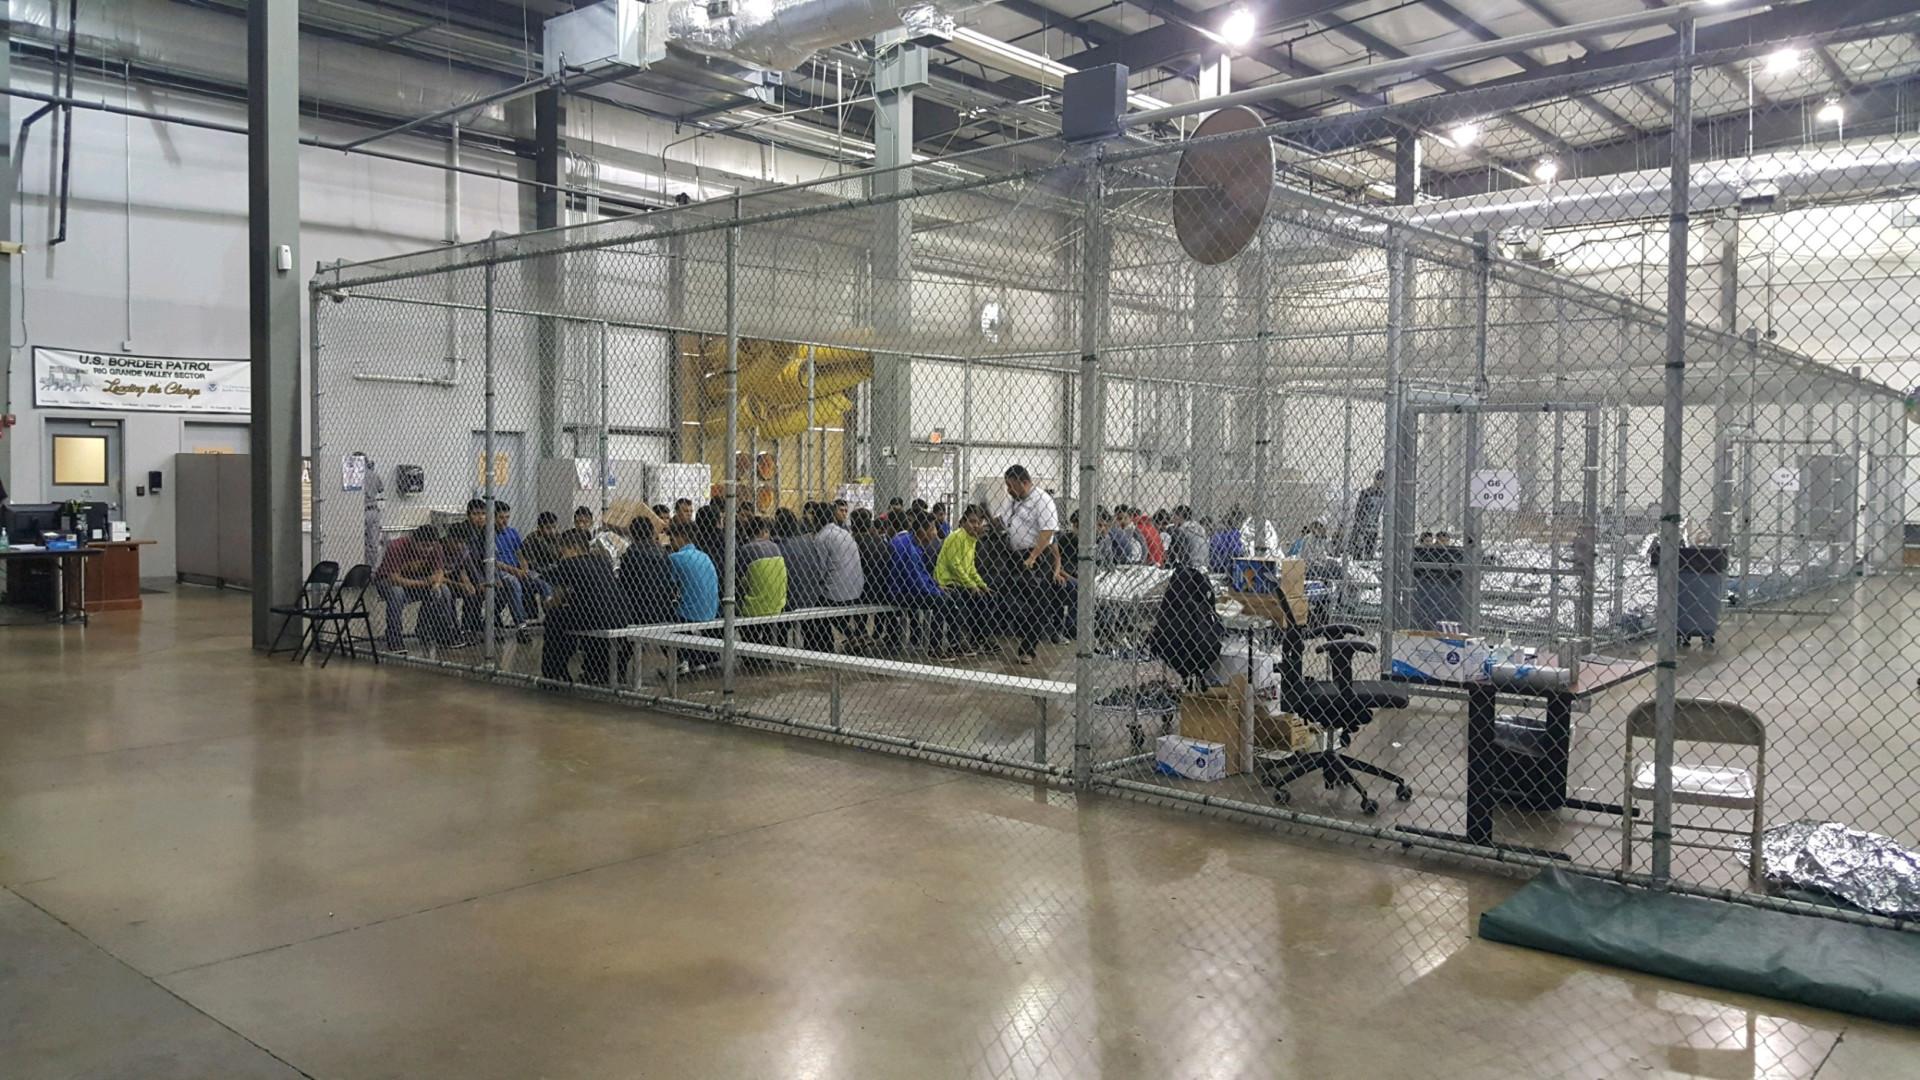 O interior de um centro de detenção de imigrantes. Prisão ou não?